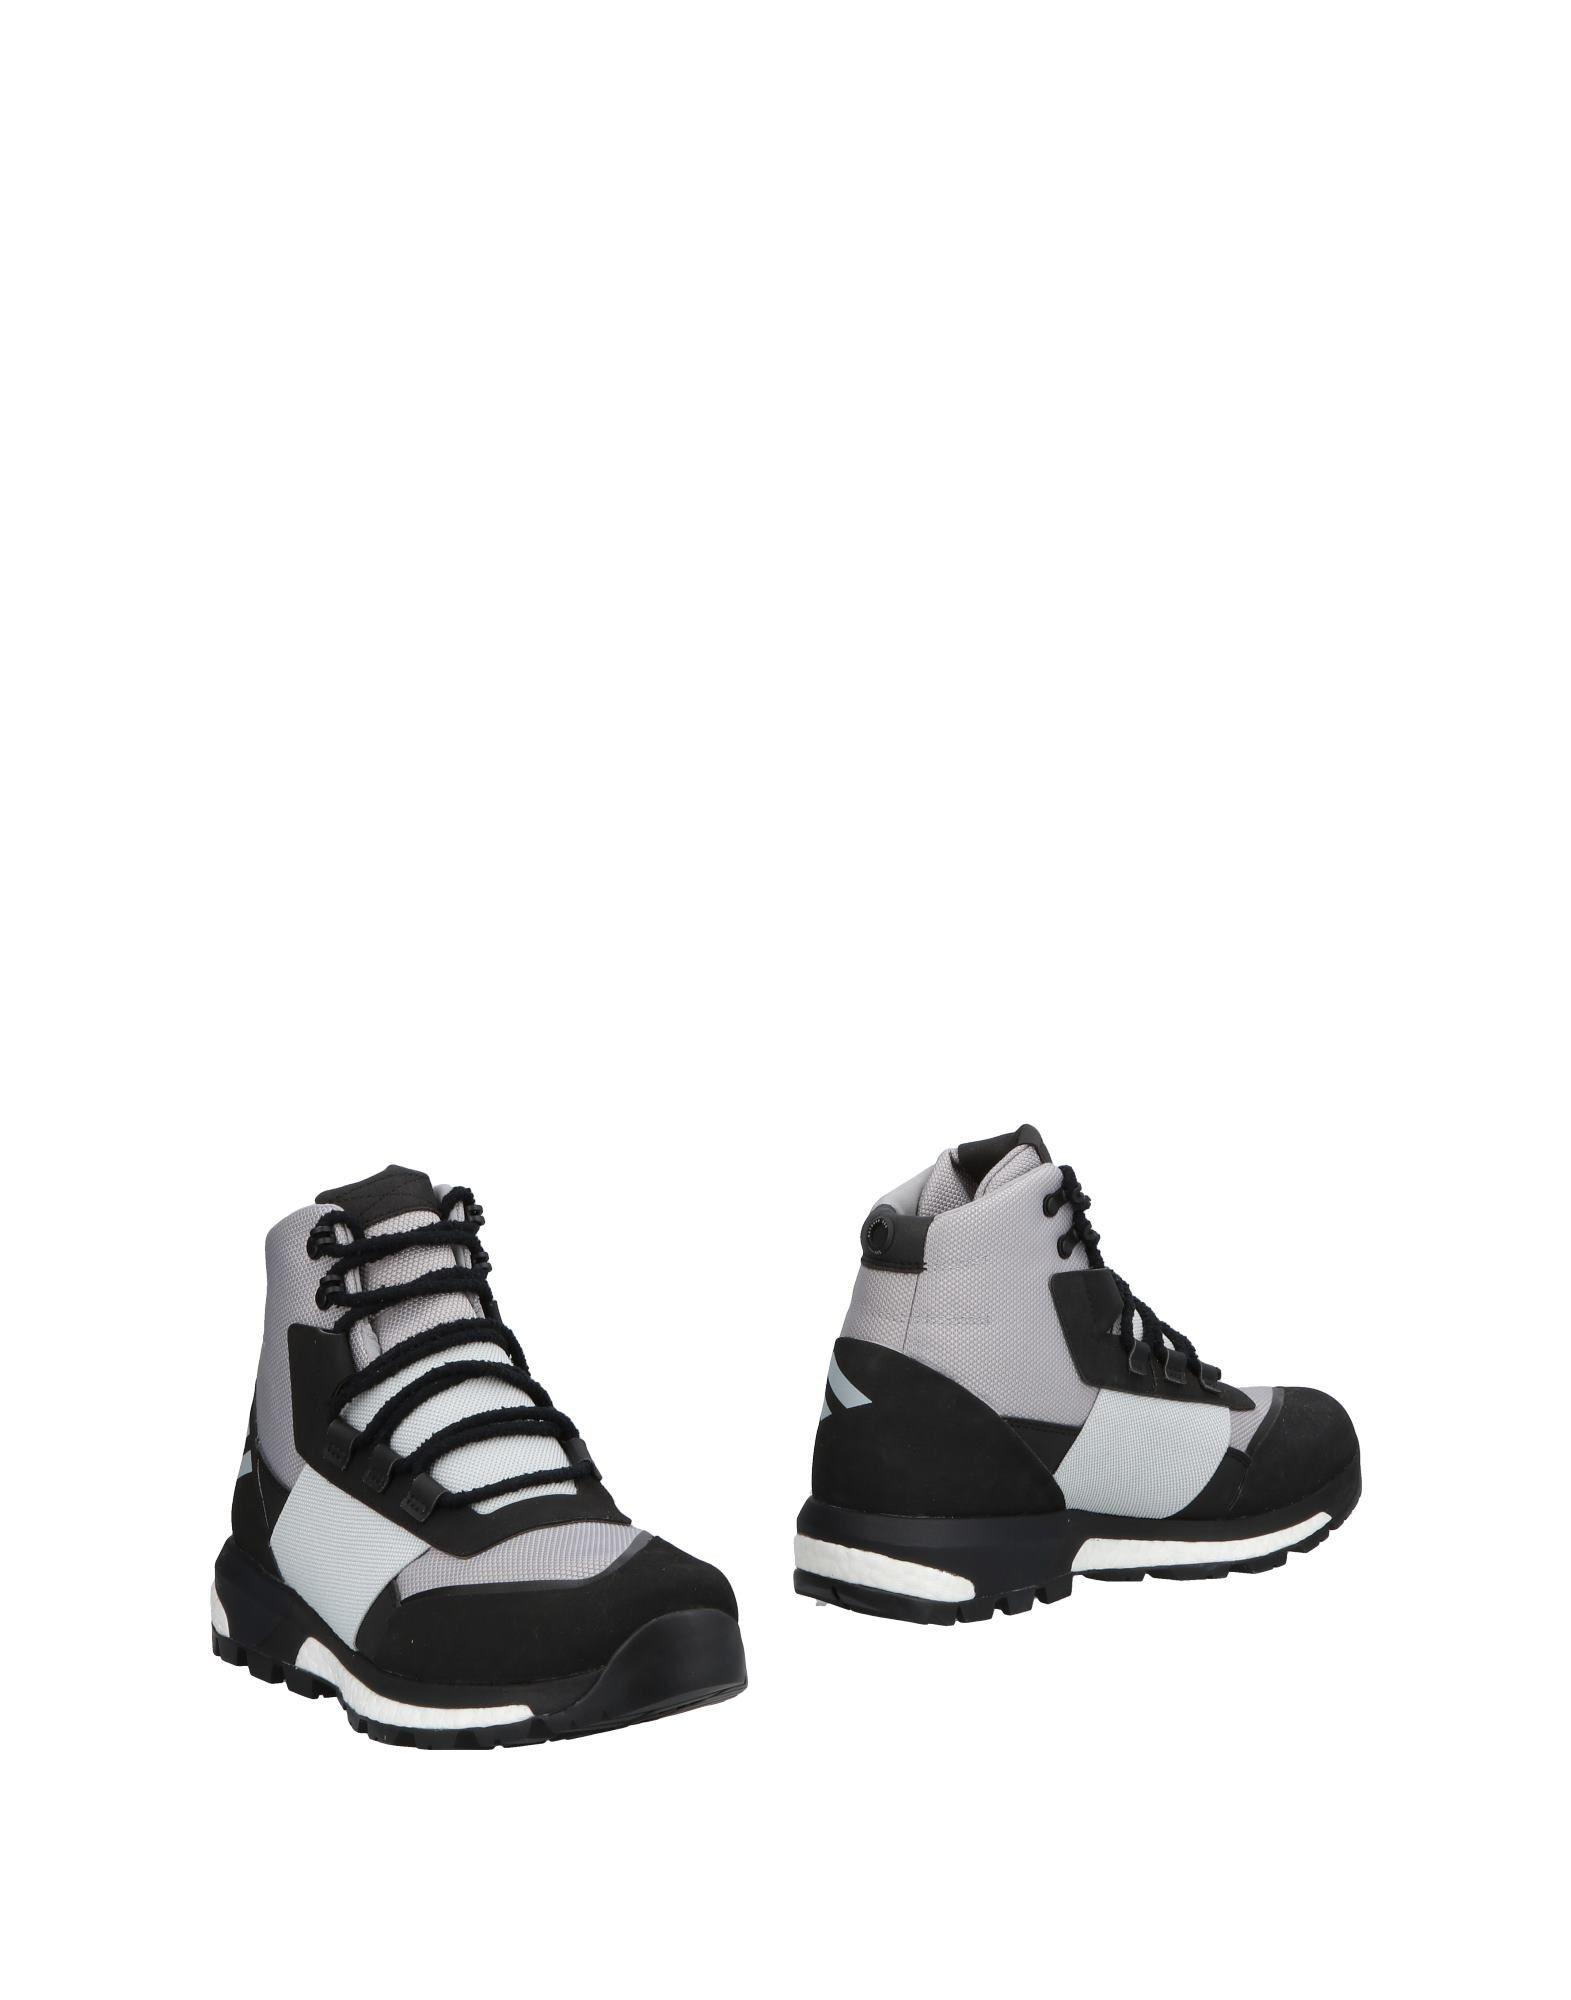 Adidas Adidas Adidas Stiefelette Herren Gutes Preis-Leistungs-Verhältnis, es lohnt sich 3683a7